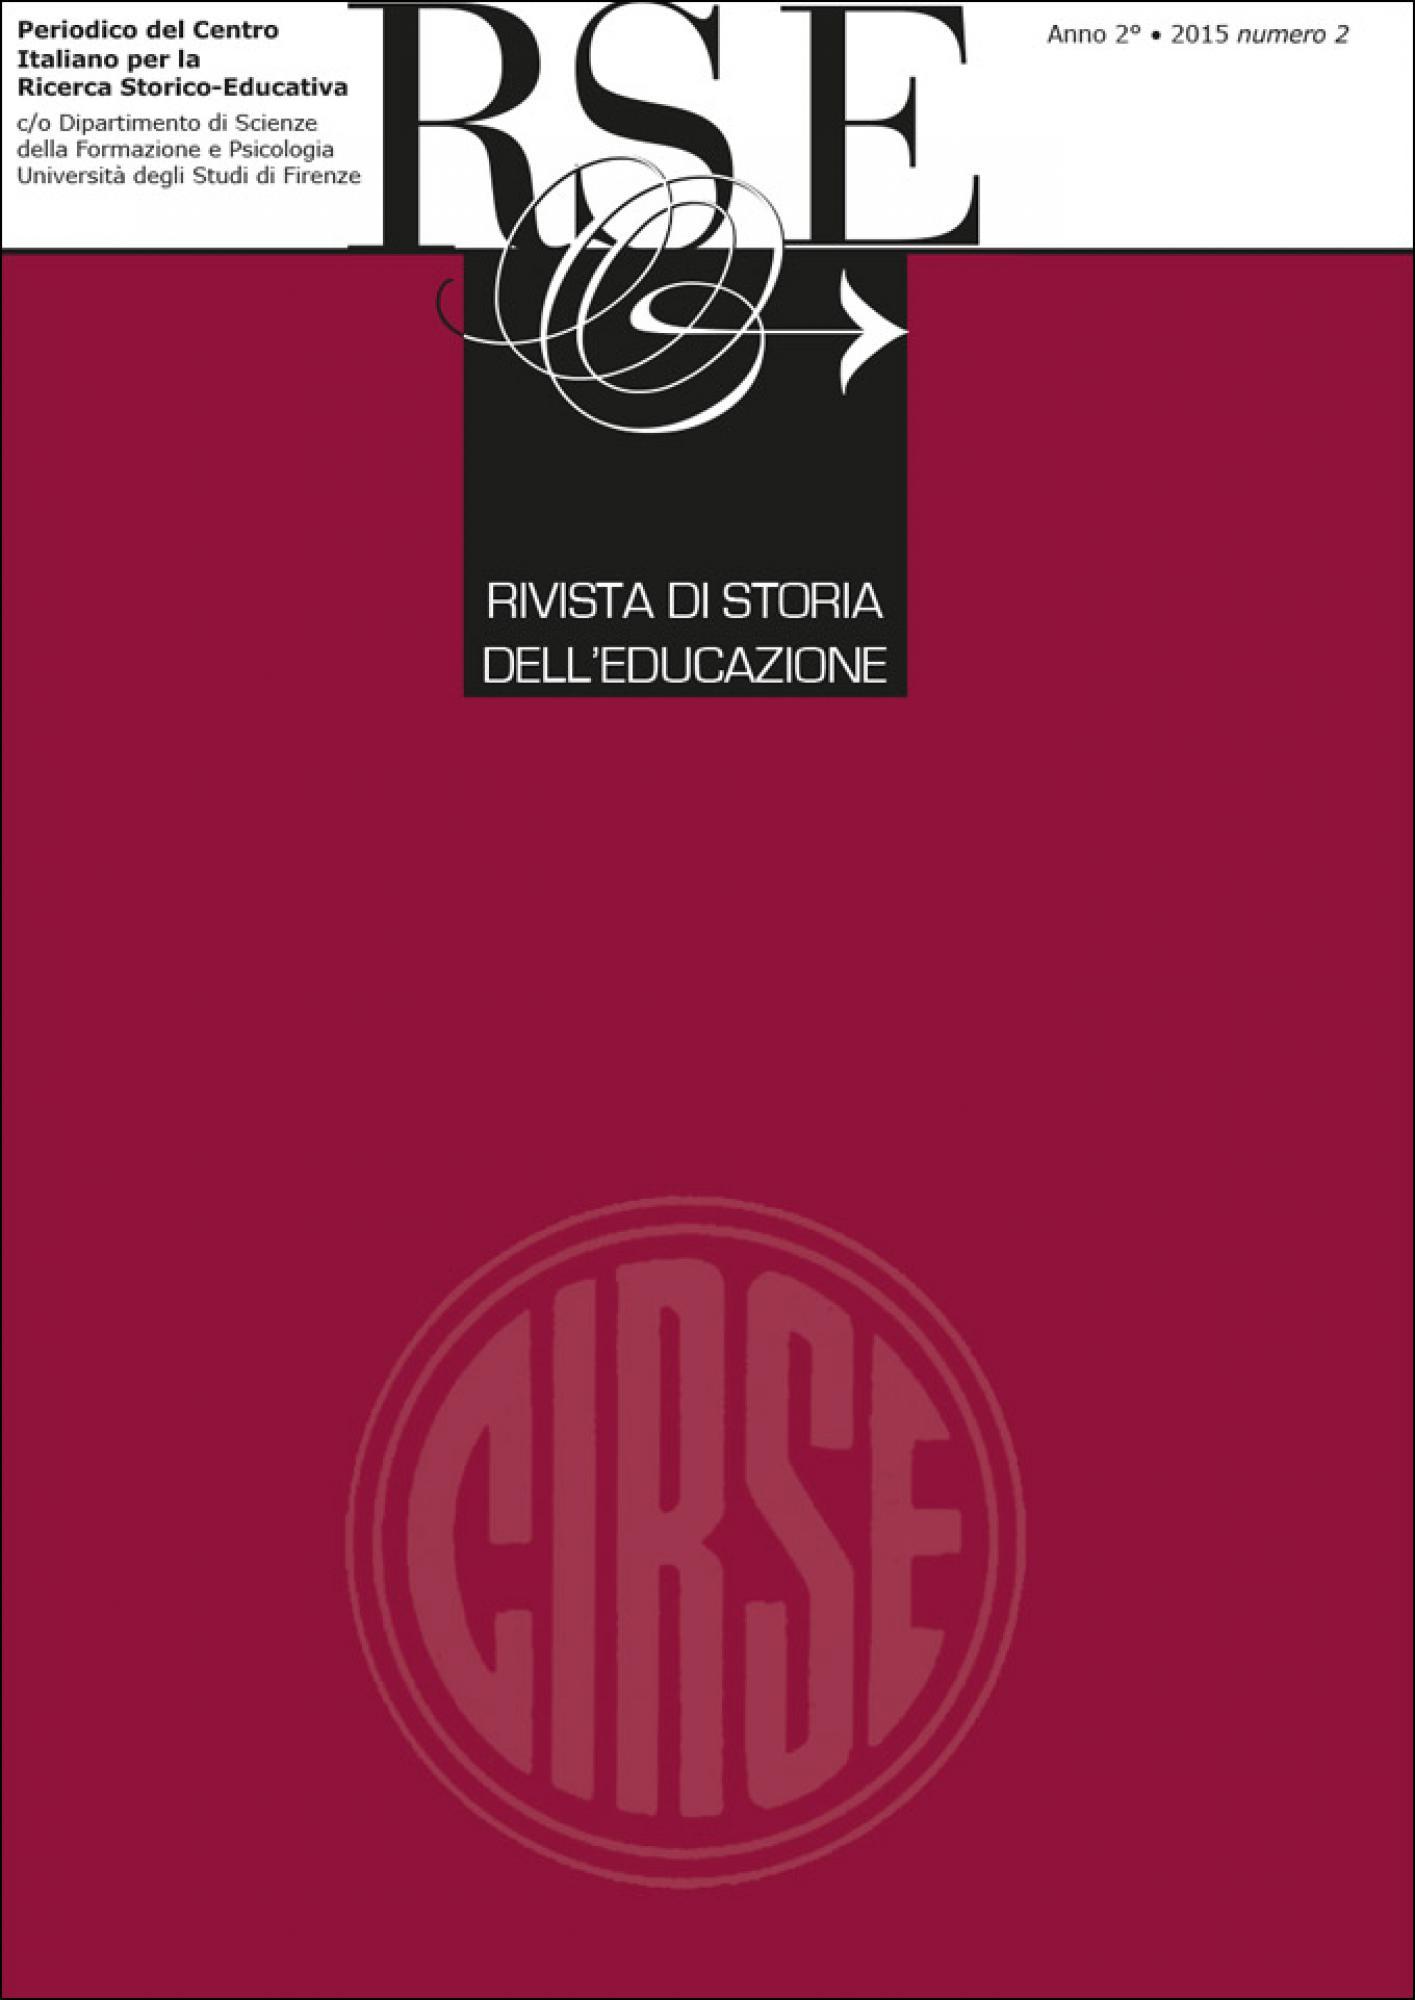 """Call for paper per la """"Rivista di Storia dell'Educazione"""""""